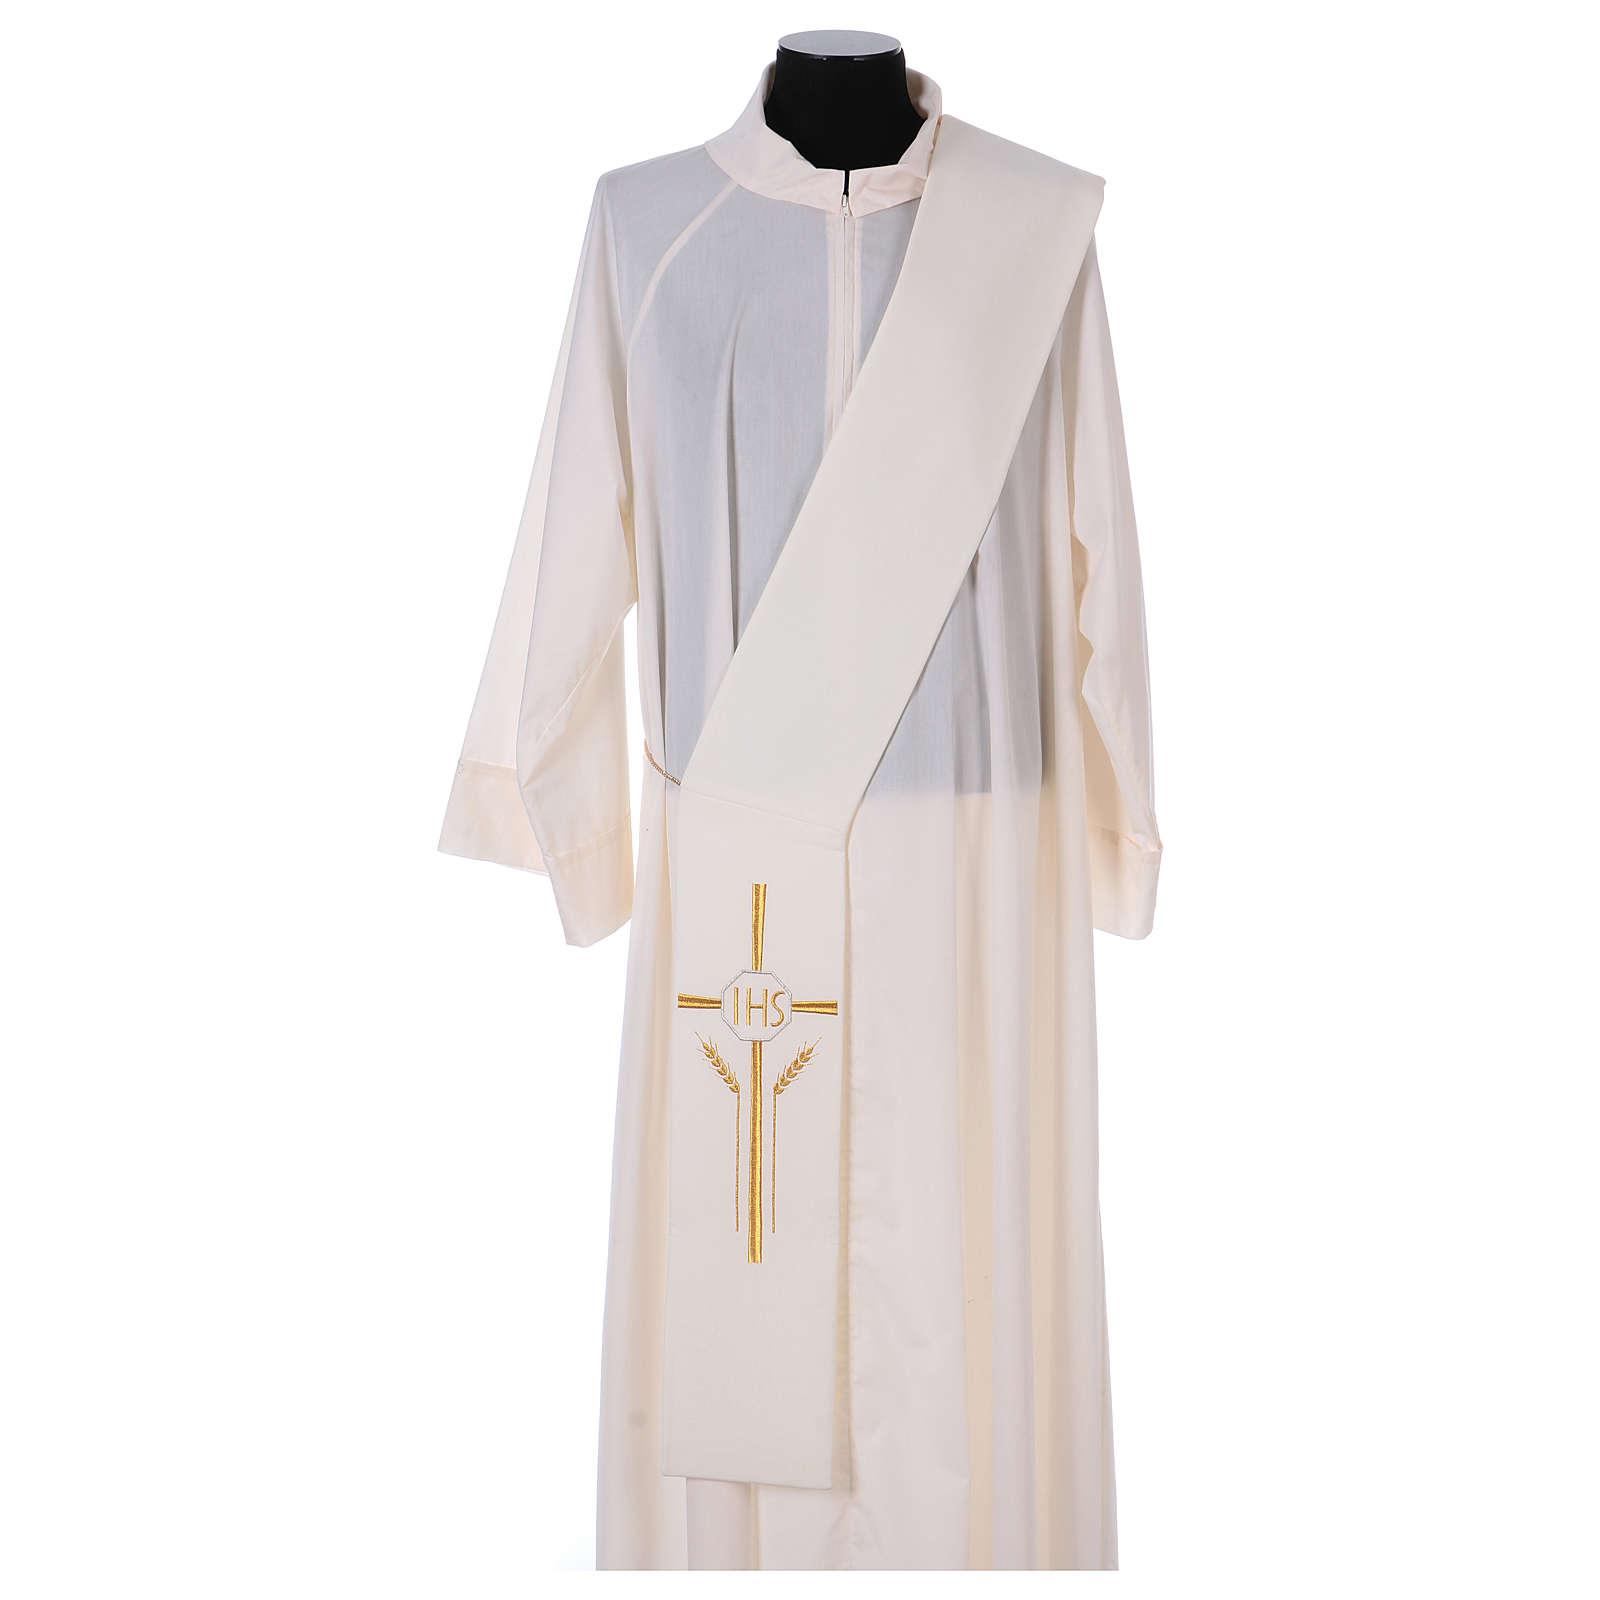 Stuła dla diakona krzyż kłosy IHS 100% poliester 4